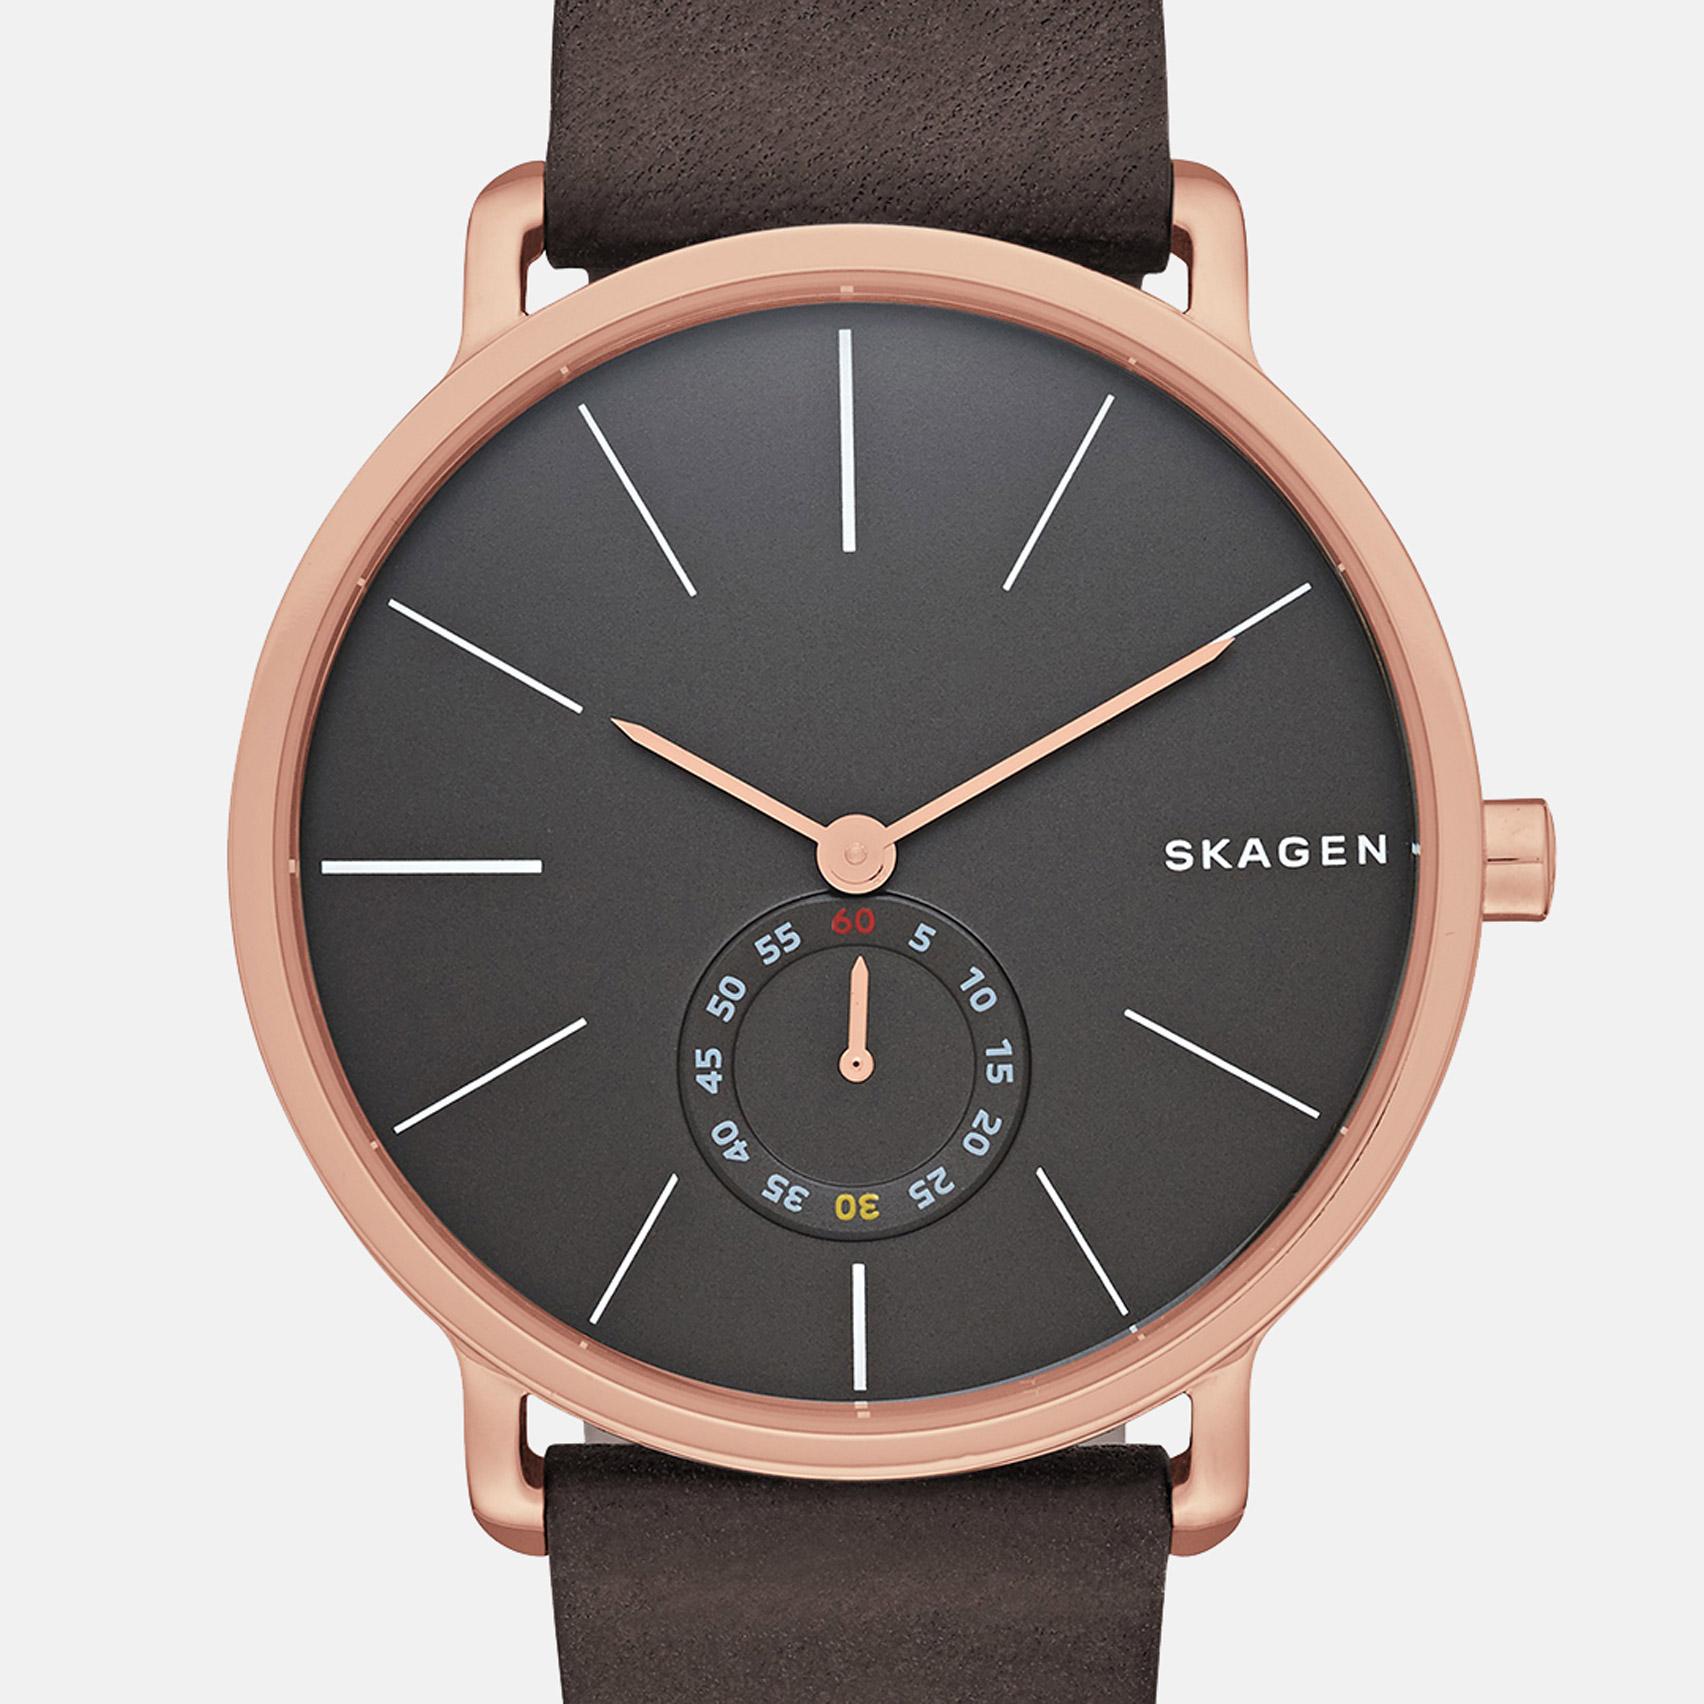 mondaine-skagen-ziiiro-dezeen-watch-store-end-of-season-sale_dezeen_1704_col_3